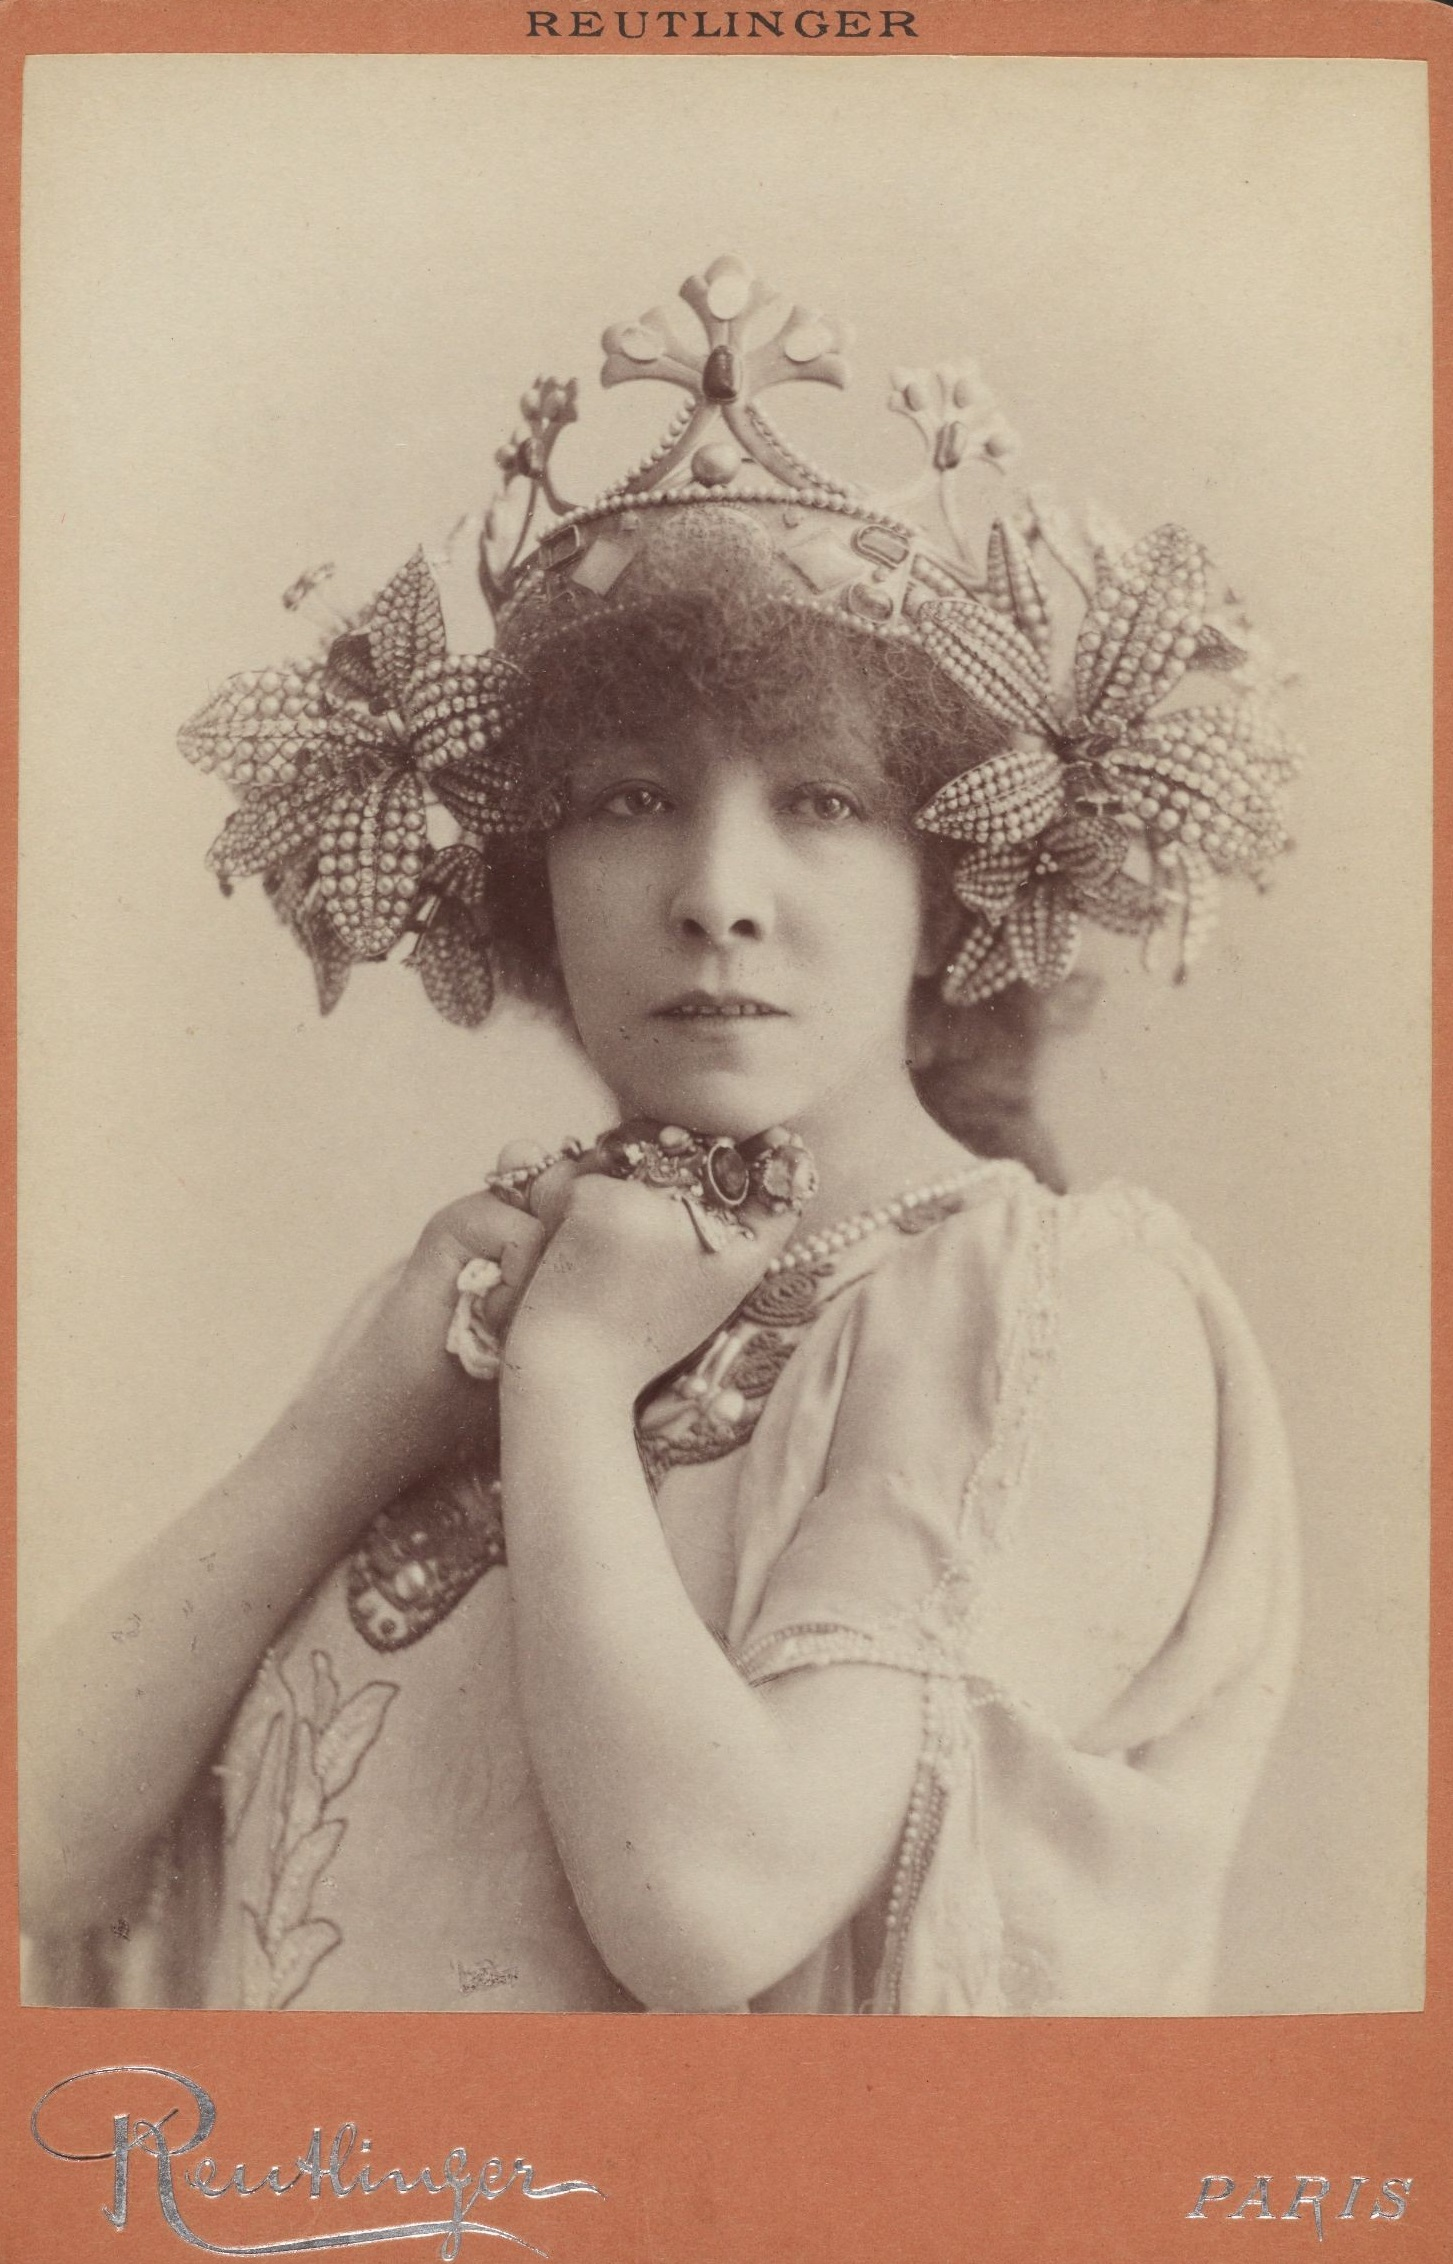 Léopold Reutlinger, Sarah Bernhardt, foto, 1897